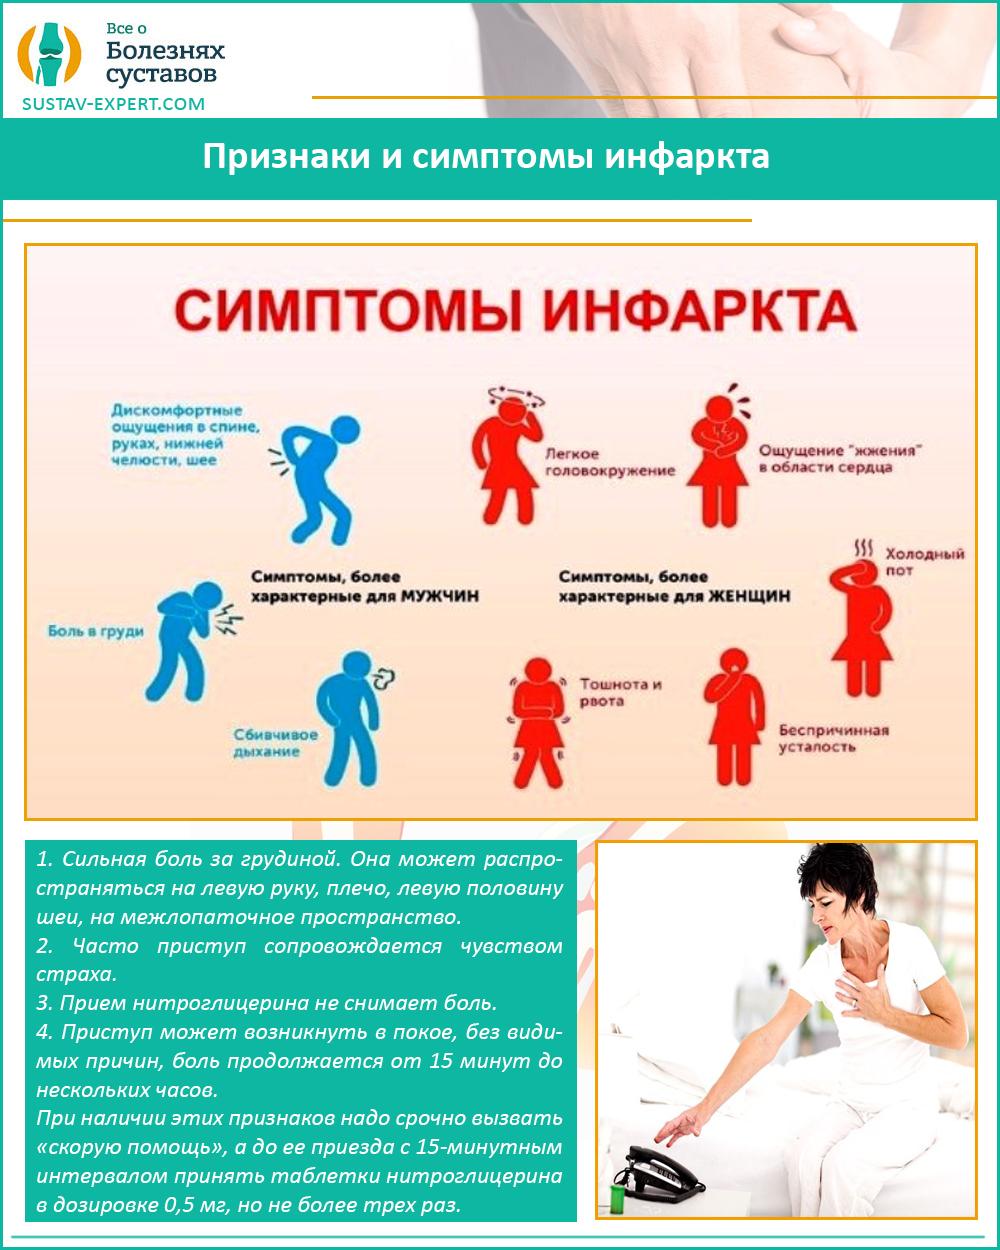 Признаки и симптомы инфаркта